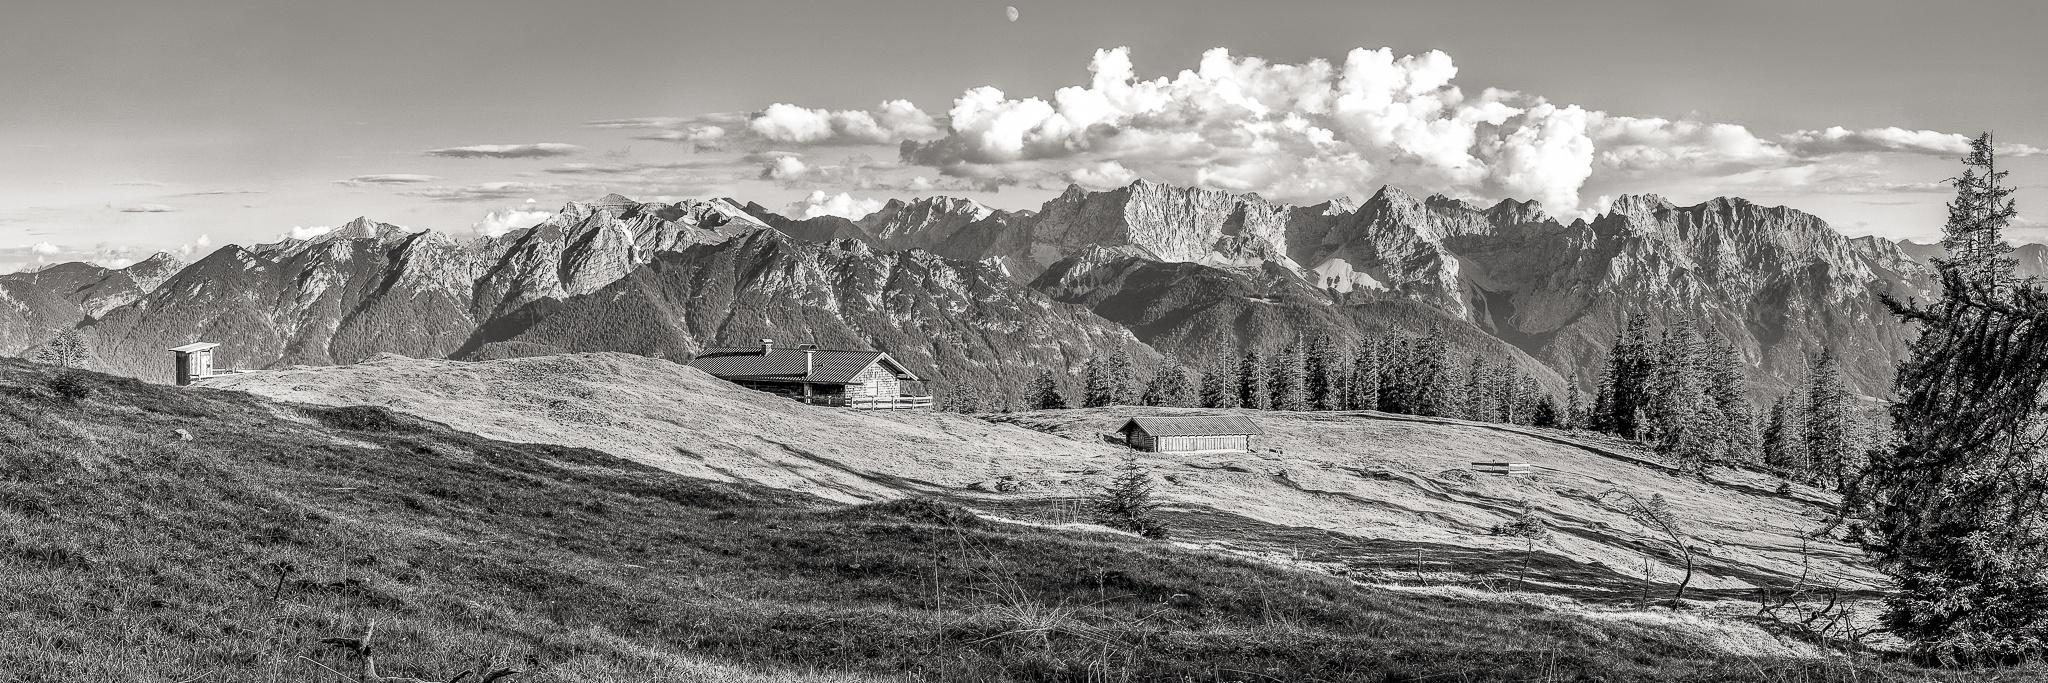 Krüner, Alm, Estergebirge, schwarz, weiß, Panoramafoto